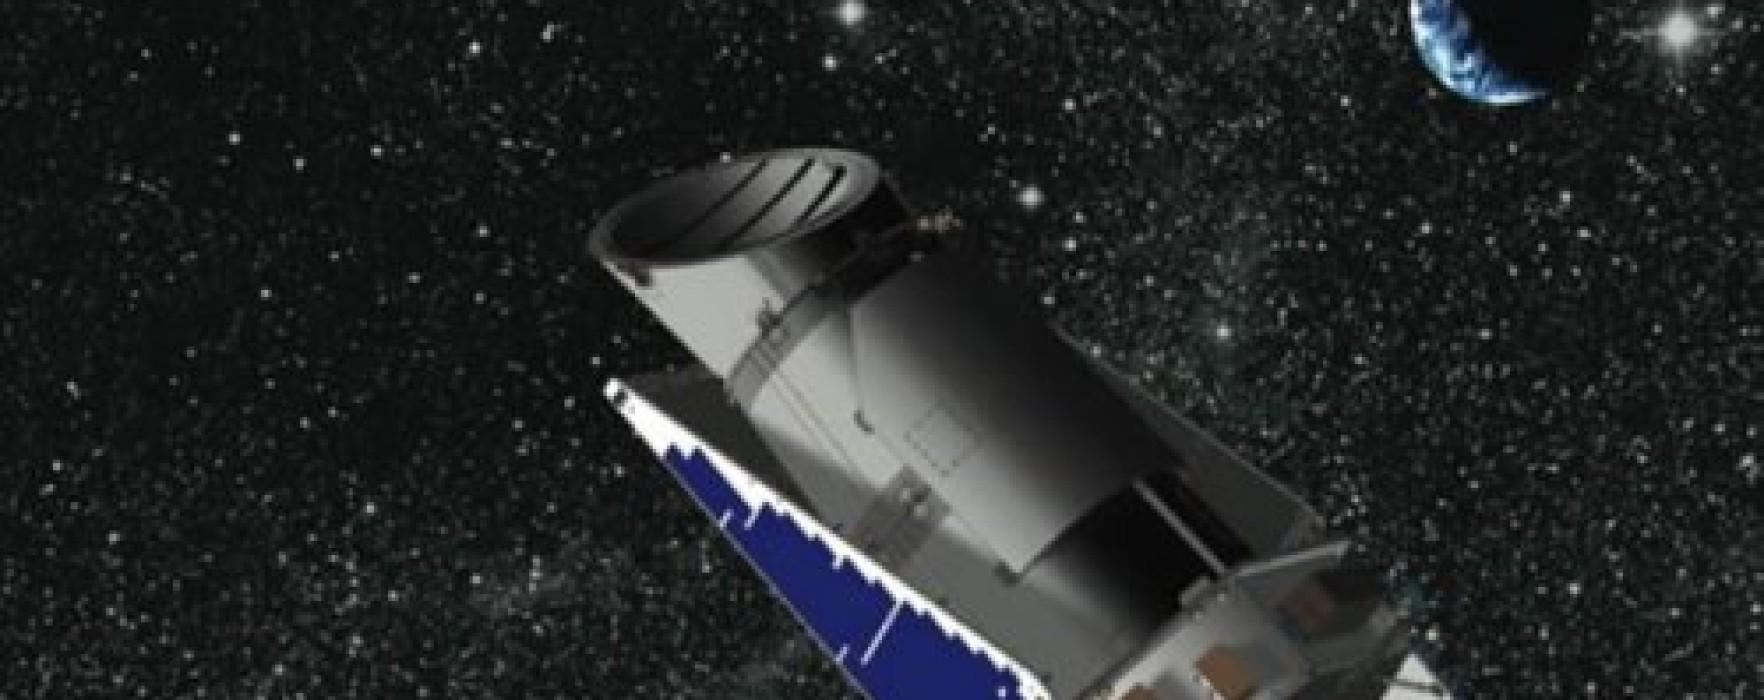 Van ah kin lailung bang lailung billion 100 dung om tiin NASA in phuang